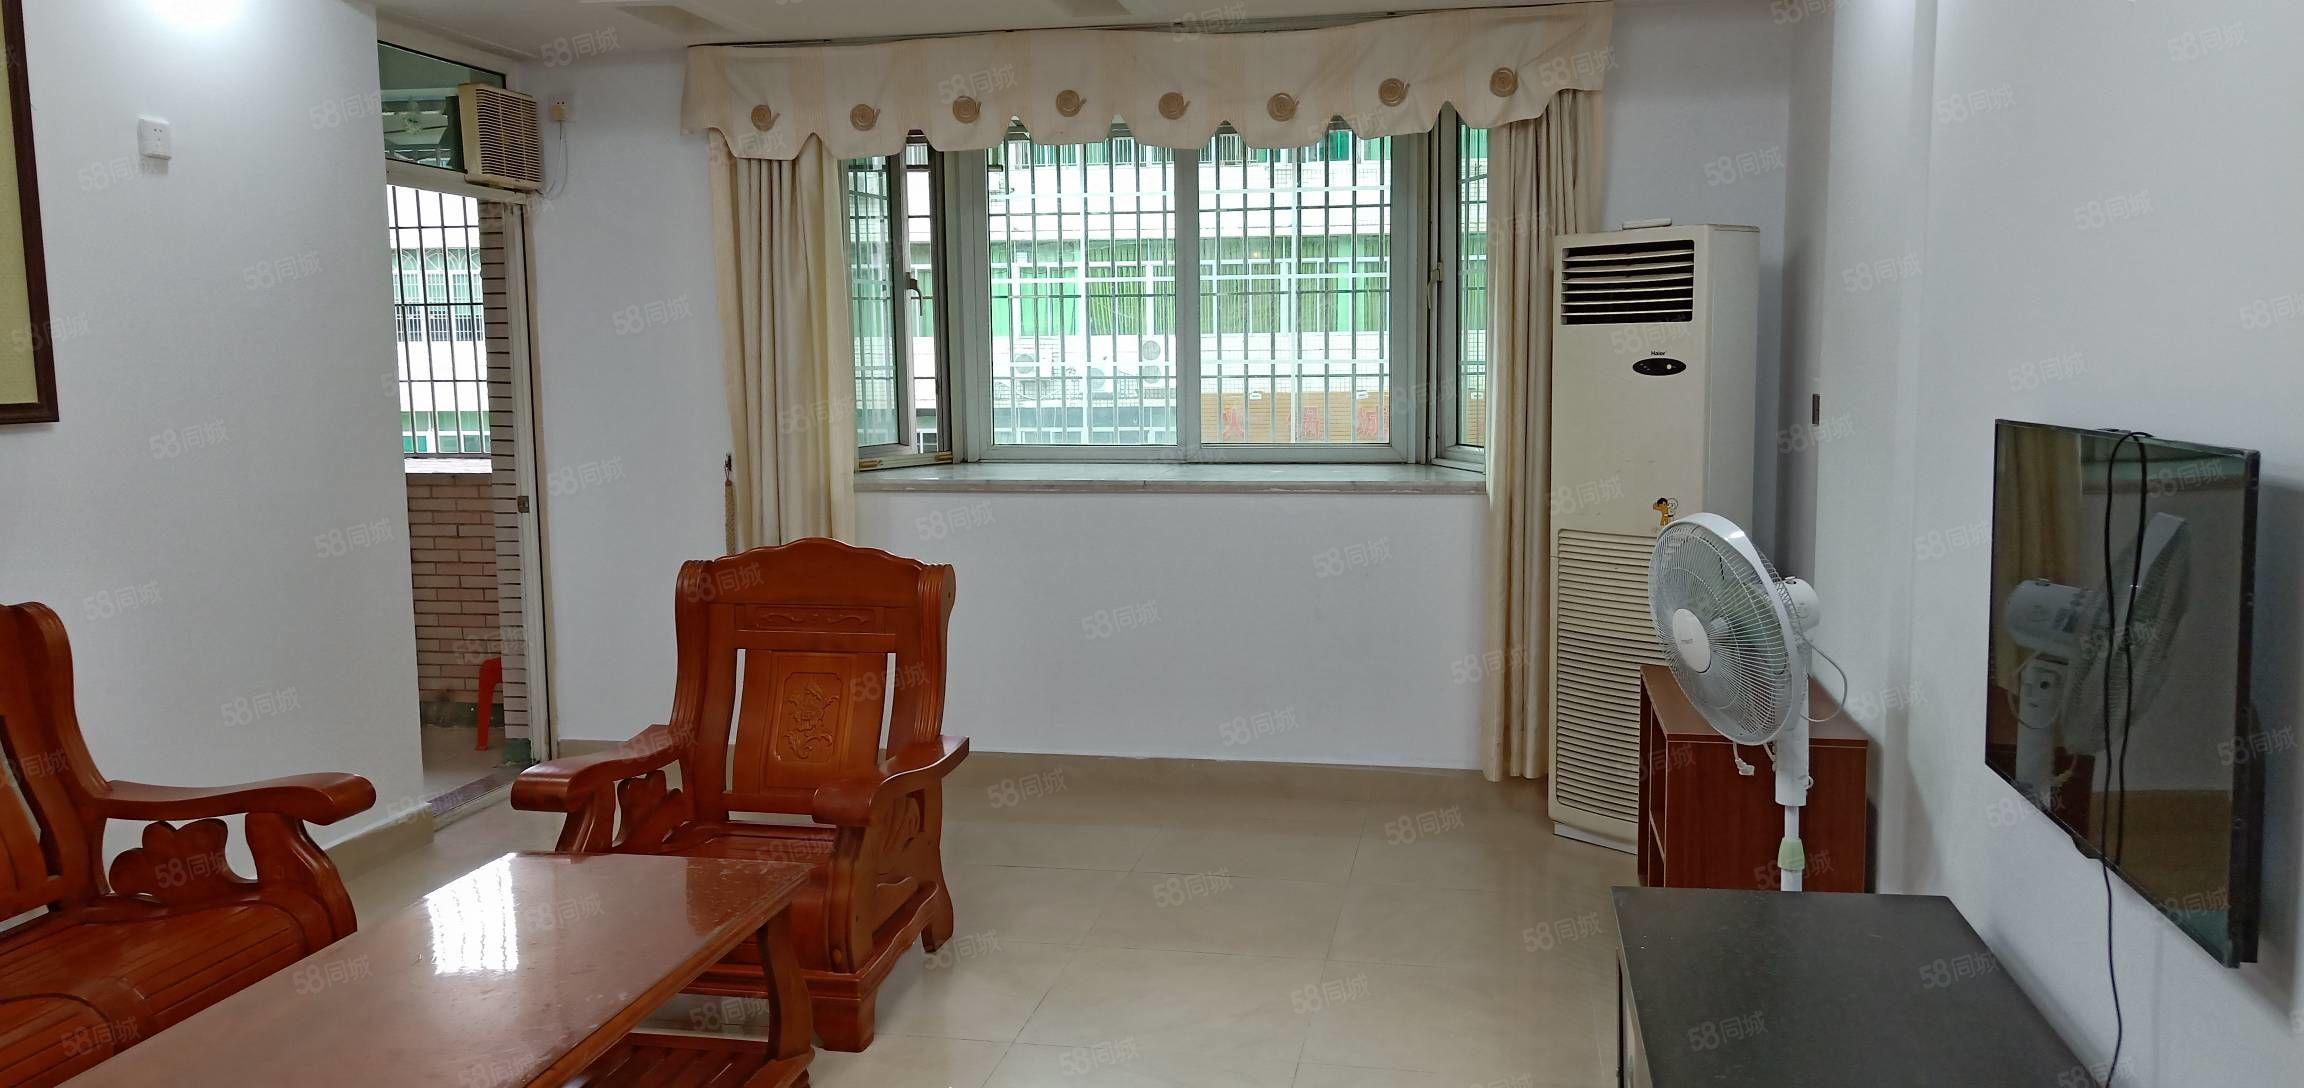 鴻都小學學位房可按揭江南鴻都花三樓二房二廳二衛55.8萬元